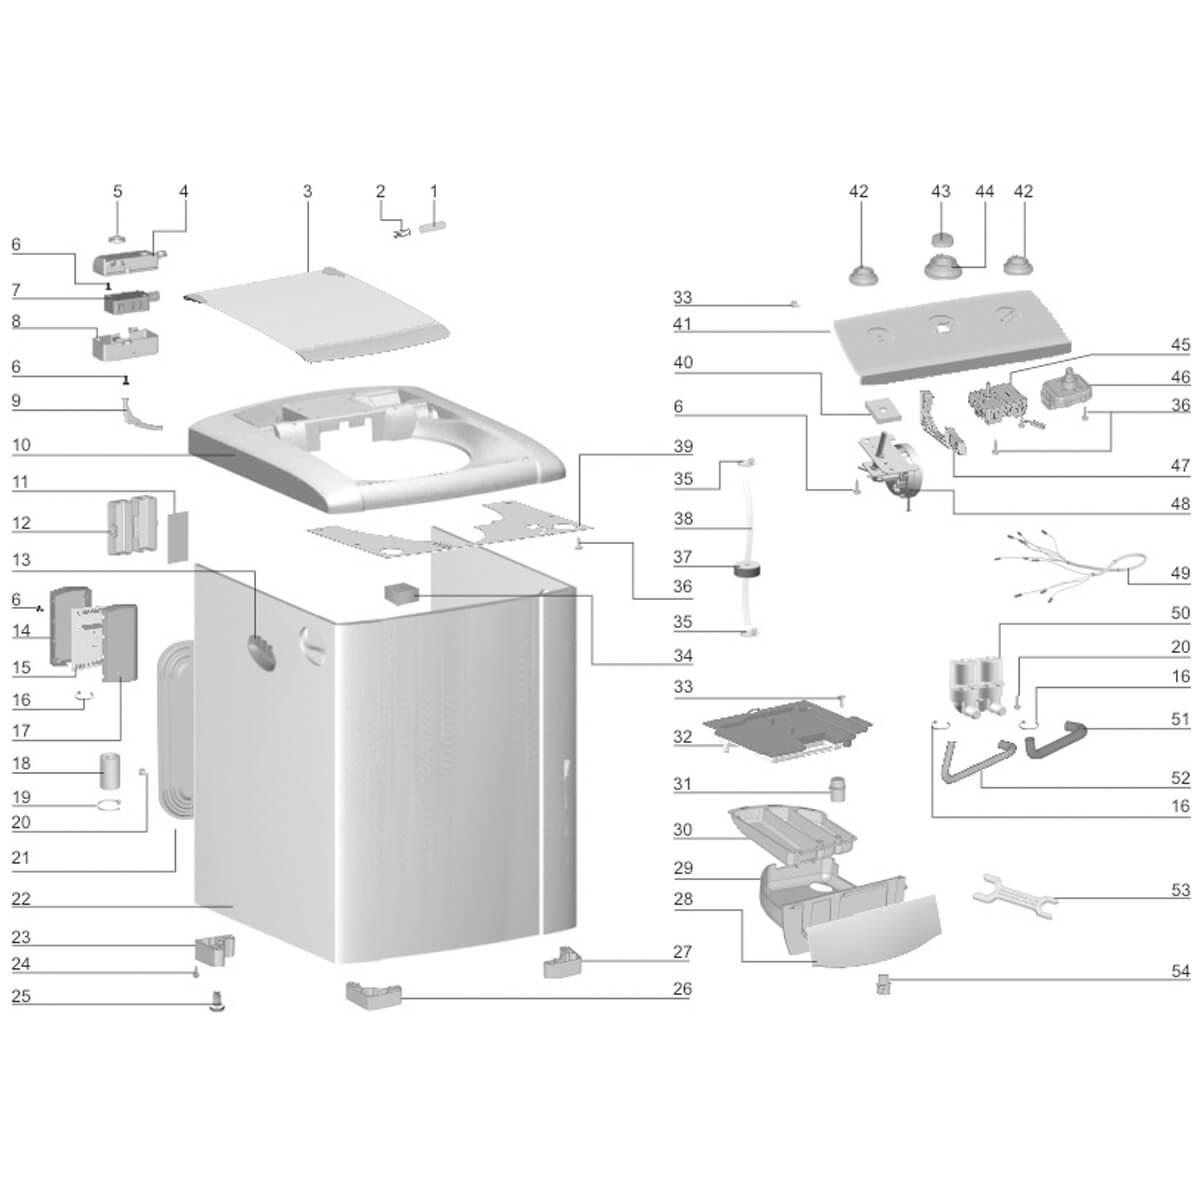 Pressostato Compacto Com 4 Níveis Para Lavadora De Roupas Electrolux - 64786928